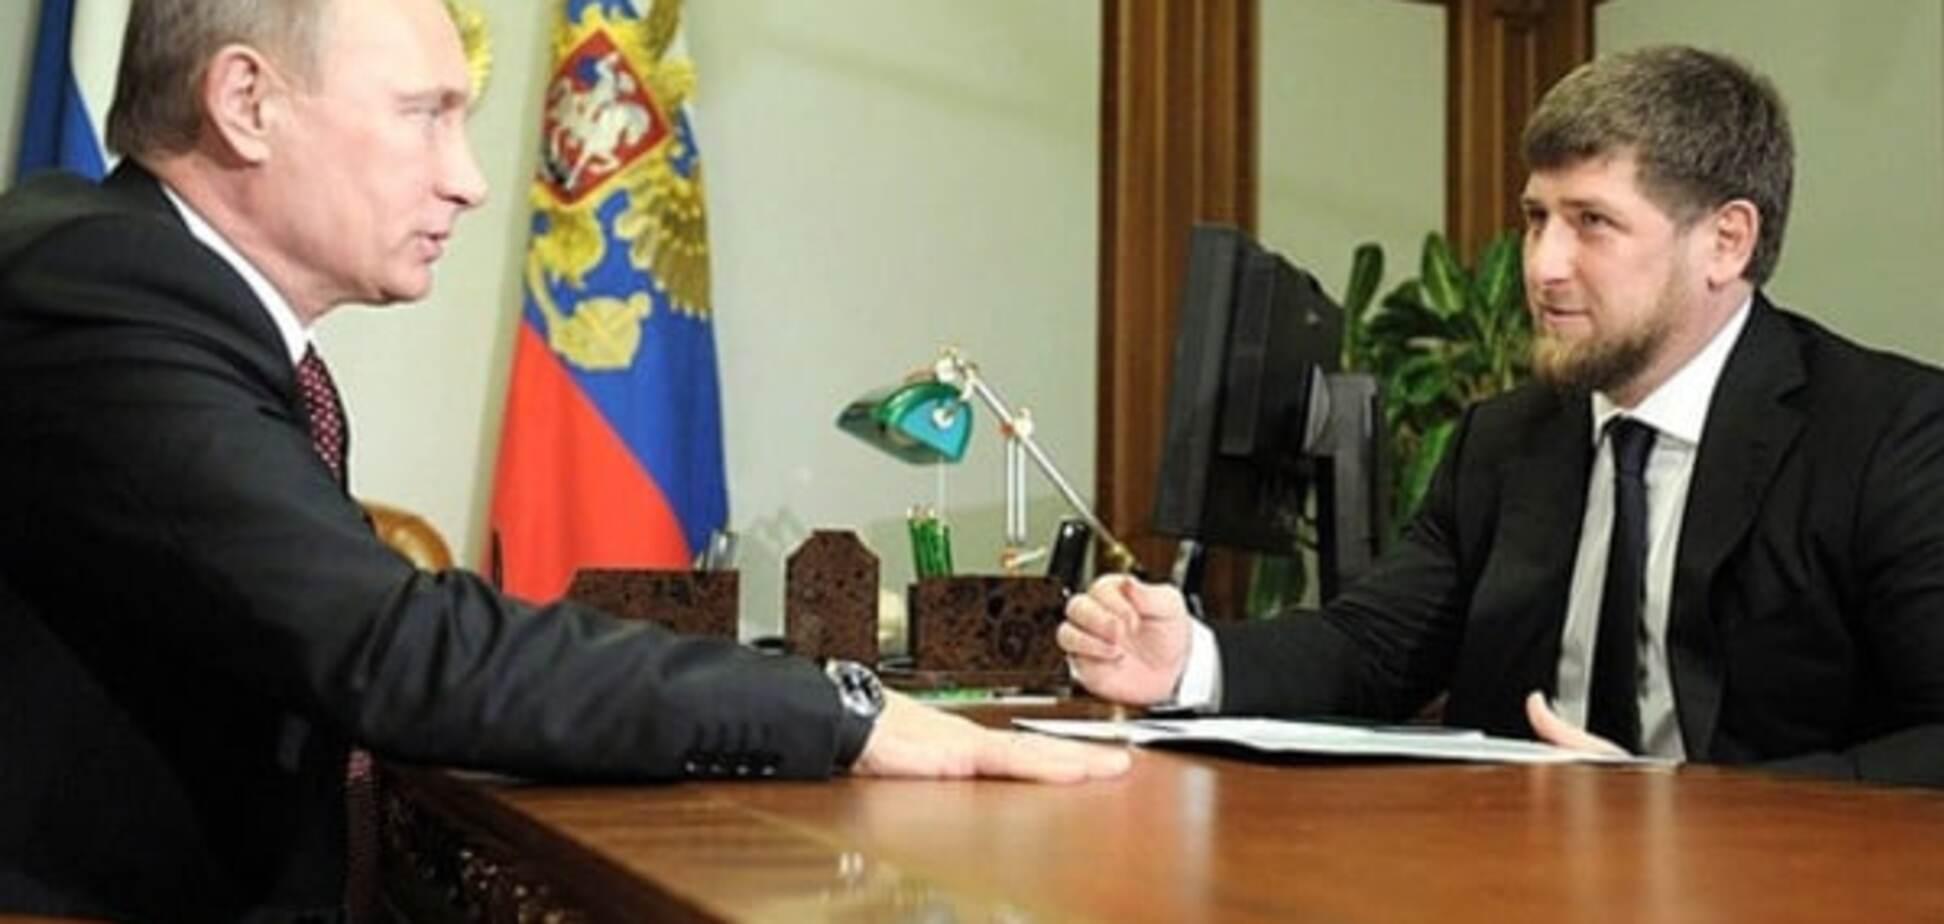 Как отстранить Путина от власти